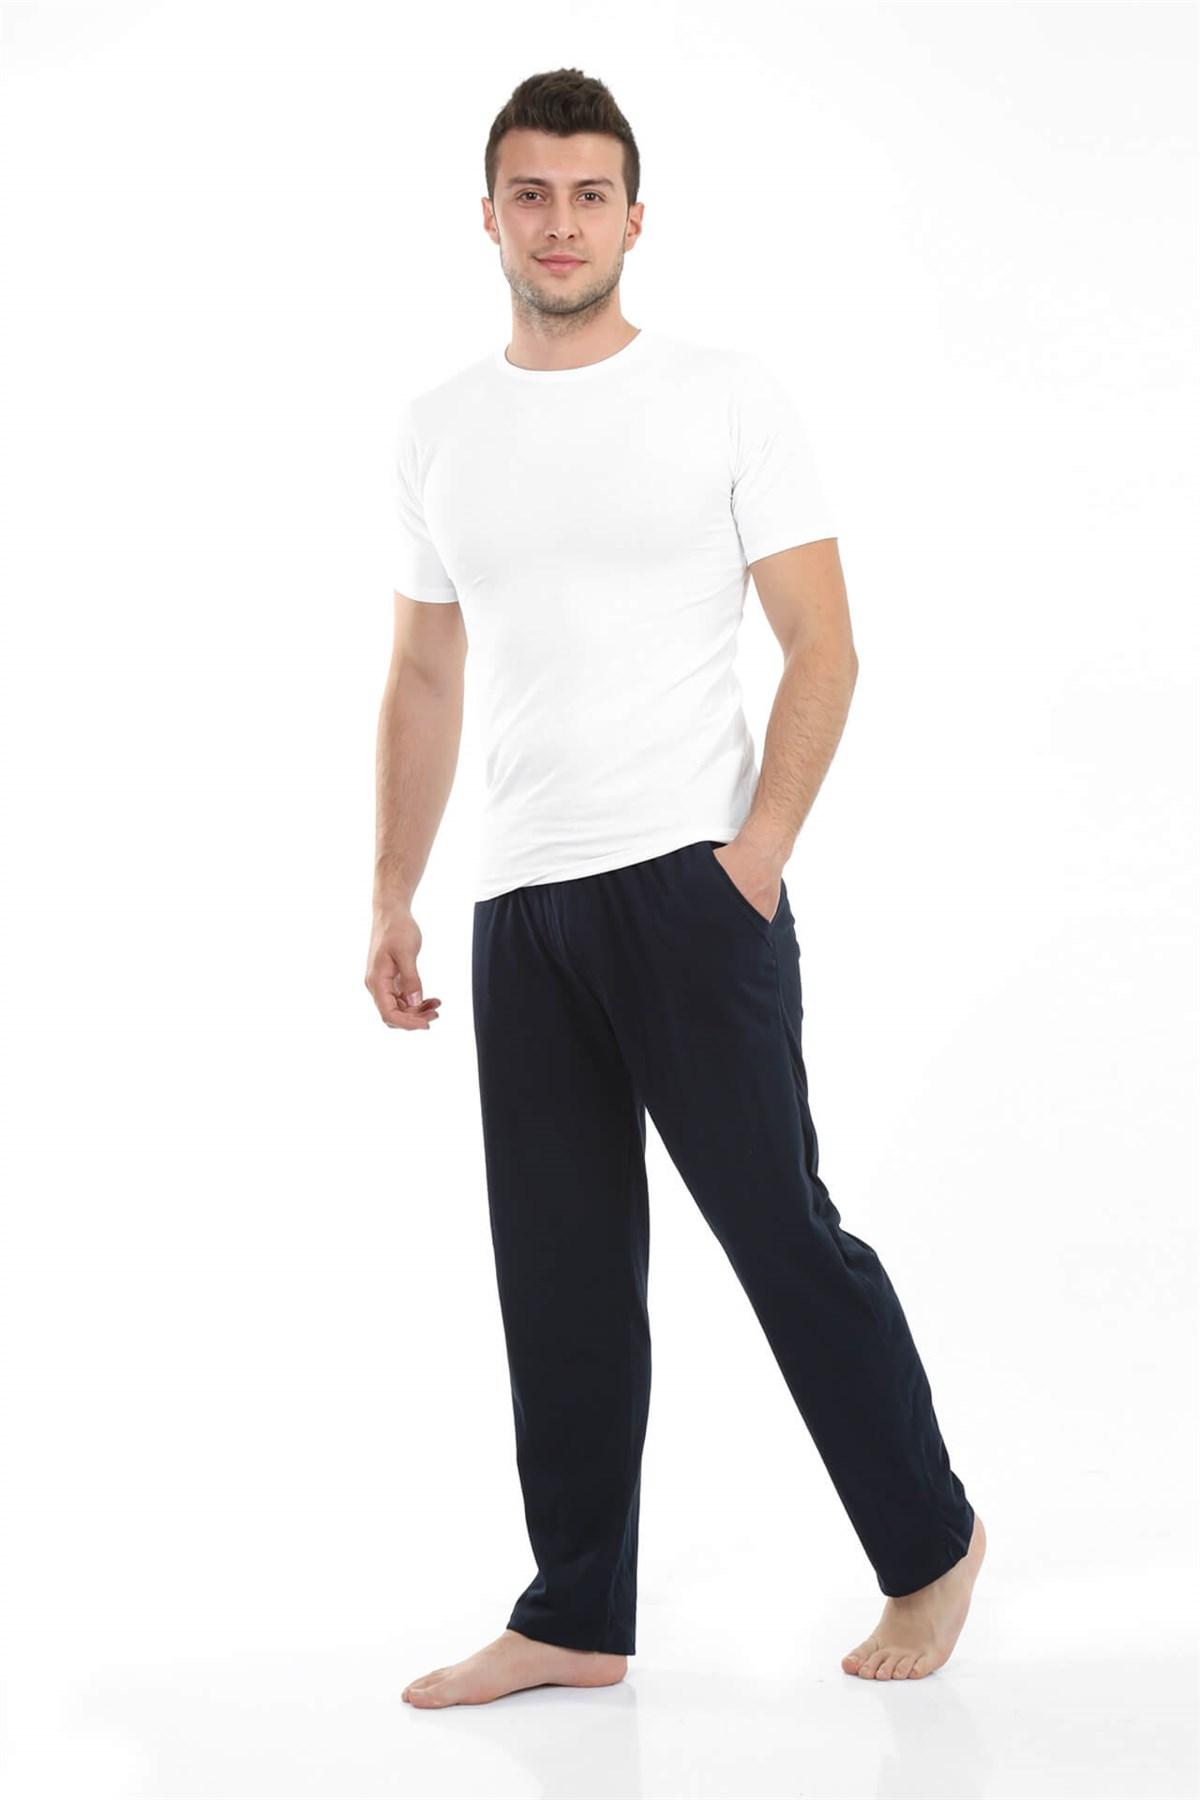 Moda Çizgi Erkek Pamuk Tek Alt Pijama 27204